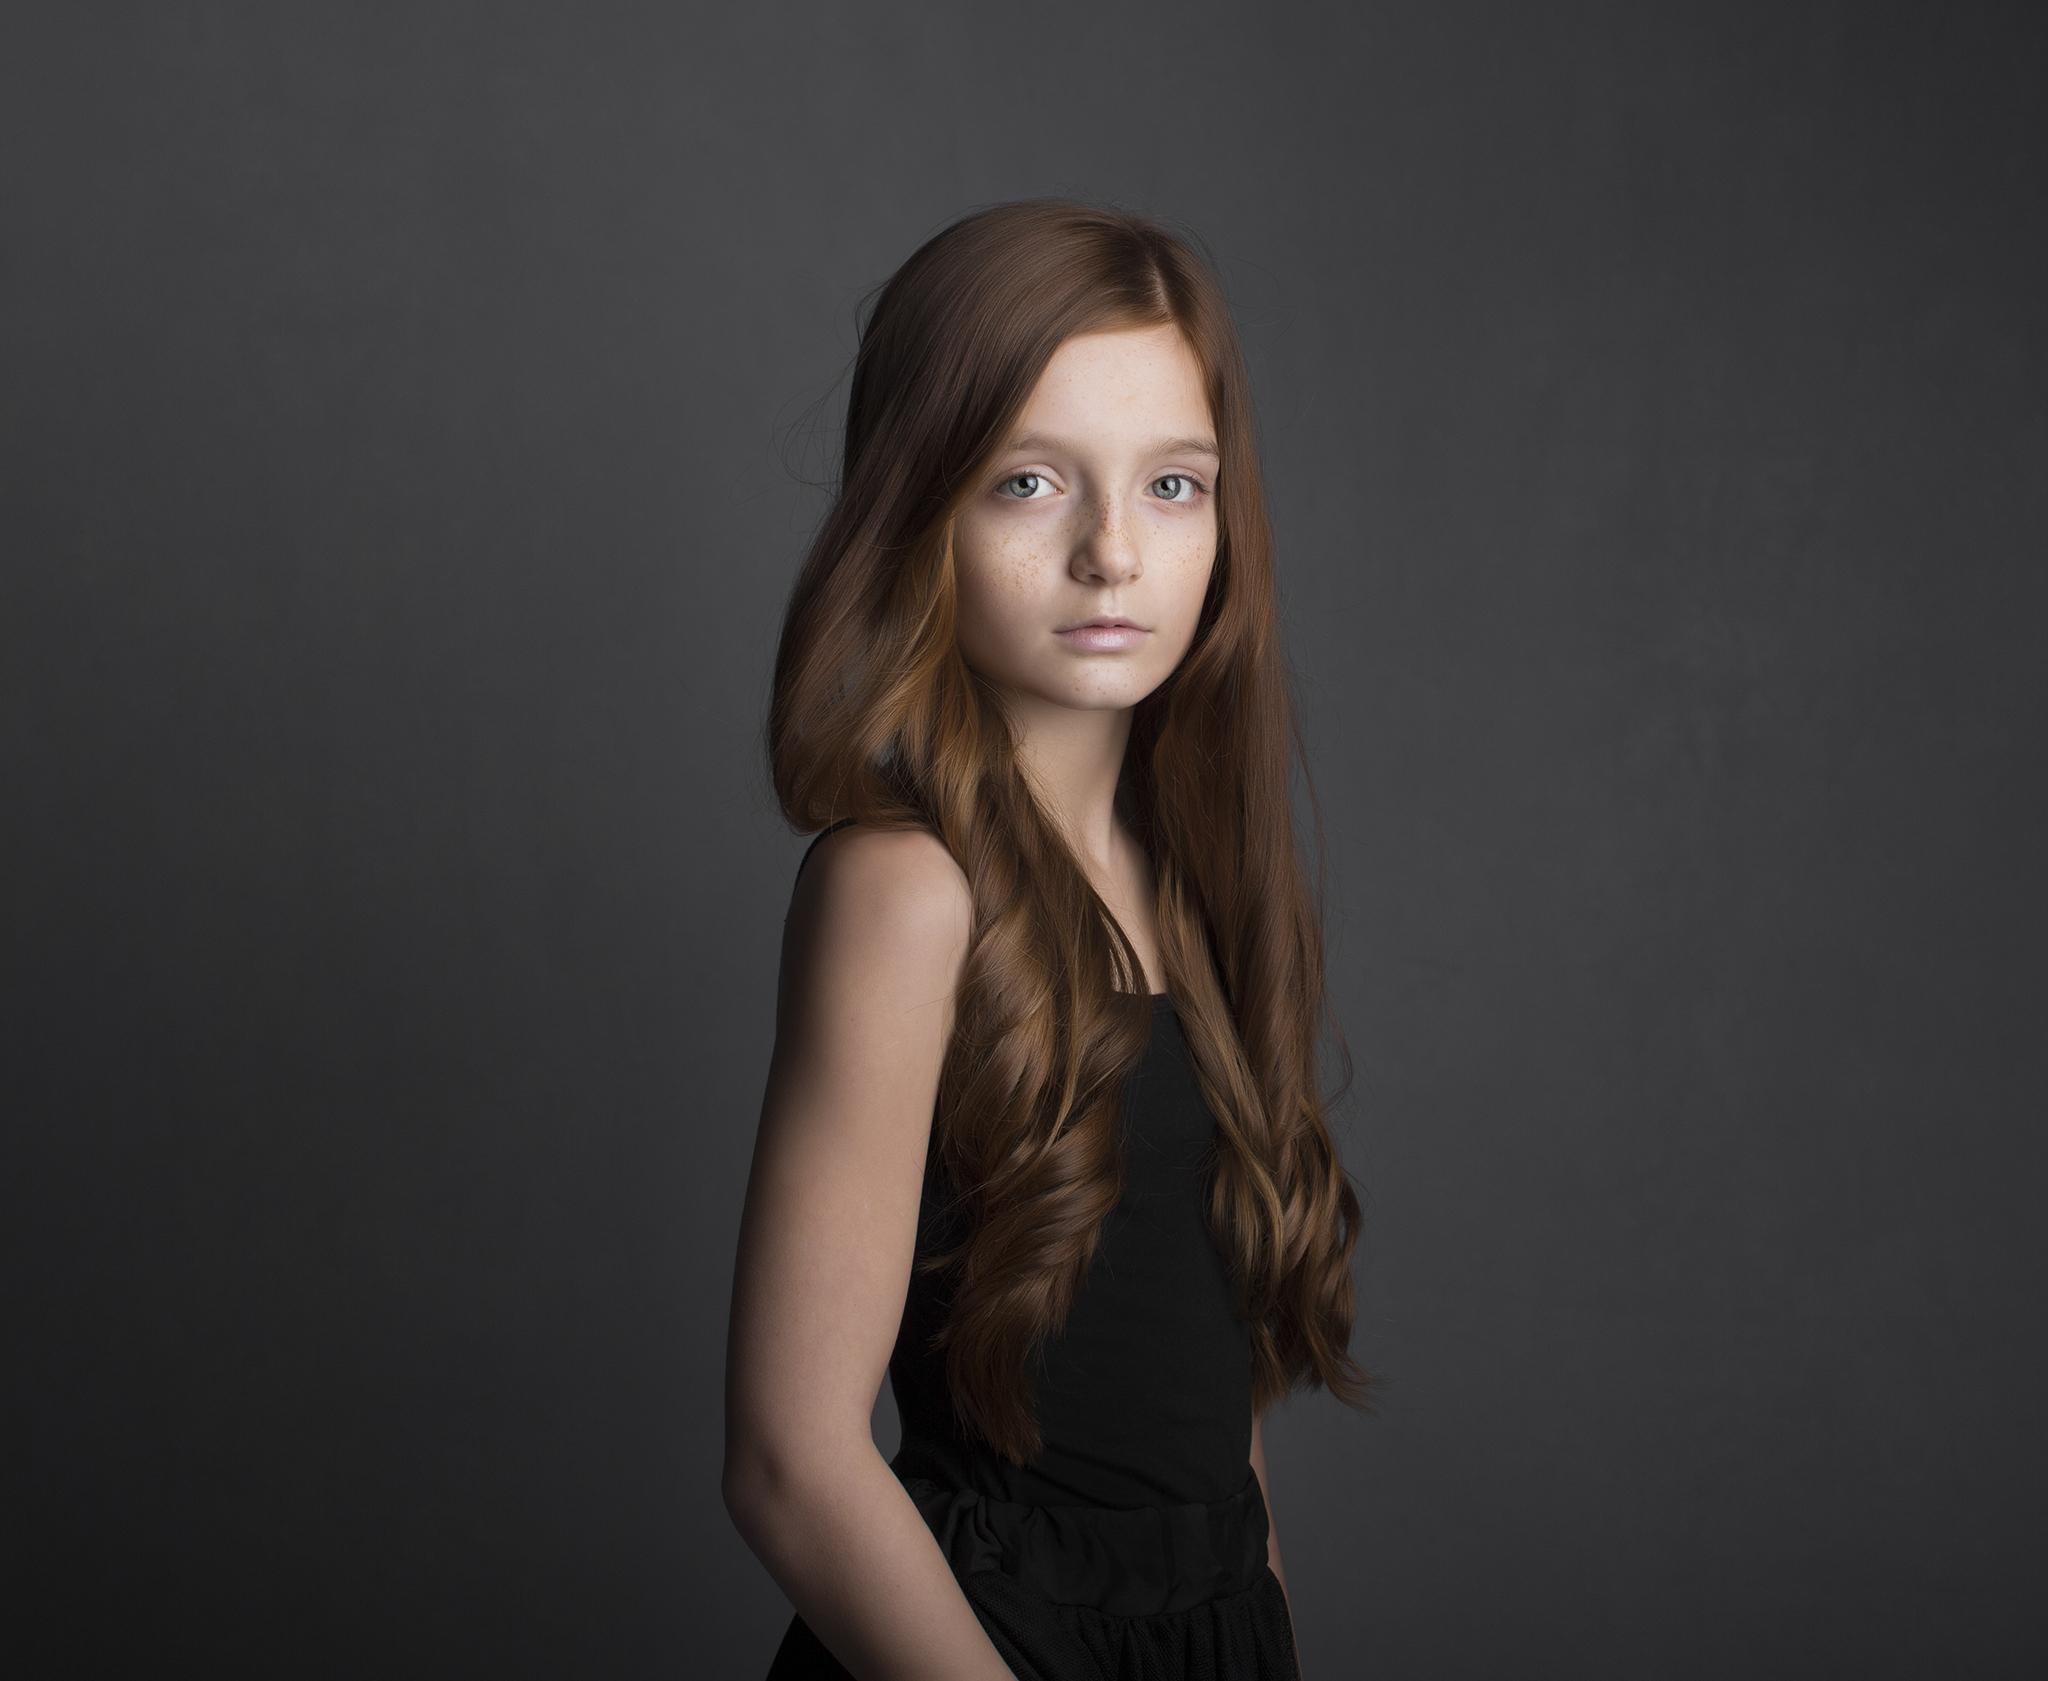 elizabethg_photography_hertfordshire_fineart_child_portrait_model_morgan_2.jpg